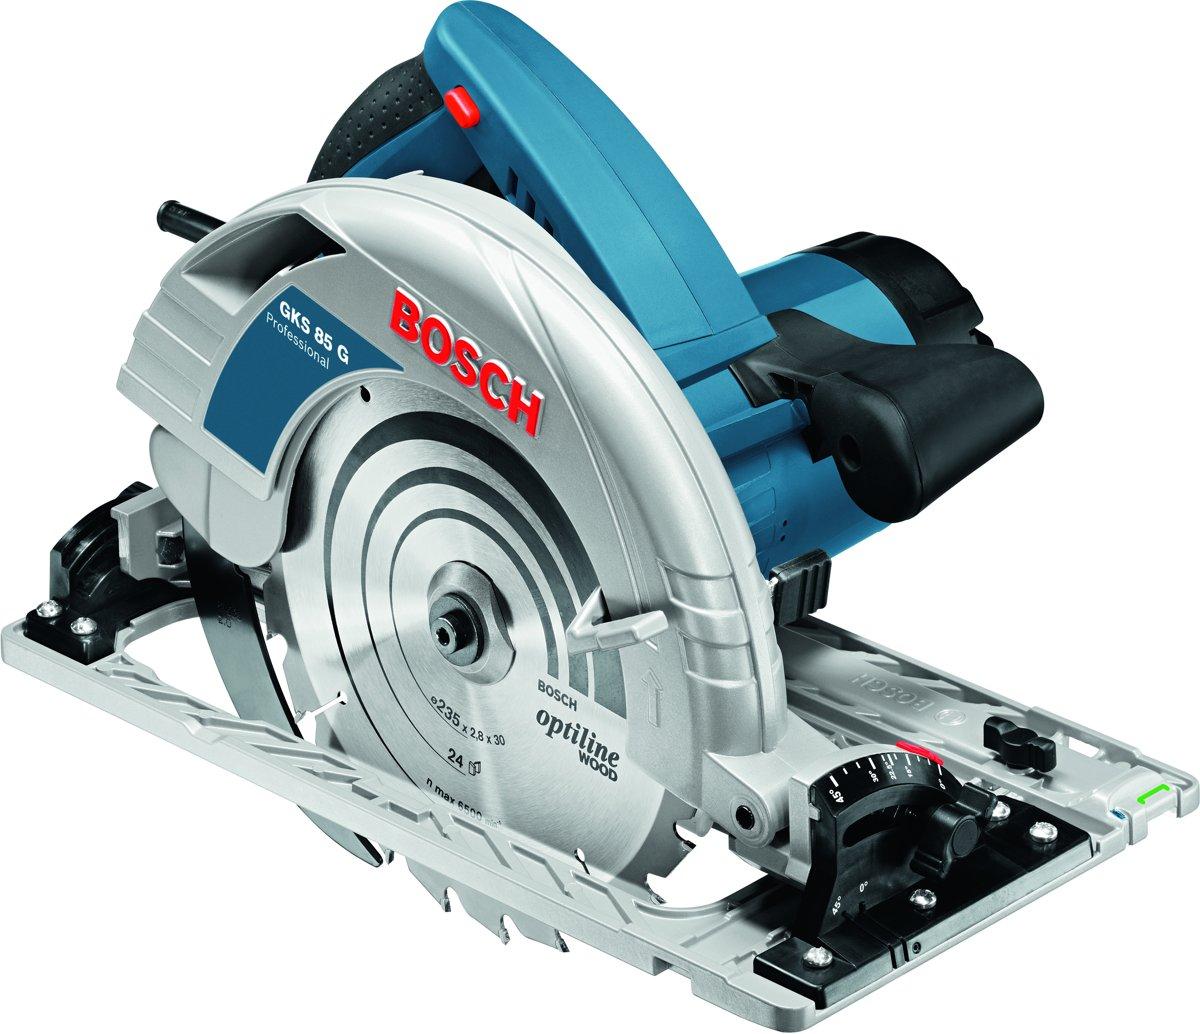 Bosch Professional GKS 85 G Cirkelzaag - 2200 Watt - 85 mm zaagdiepte - Inclusief zaagblad, FSN 1600 Geleiderail en L-BOXX